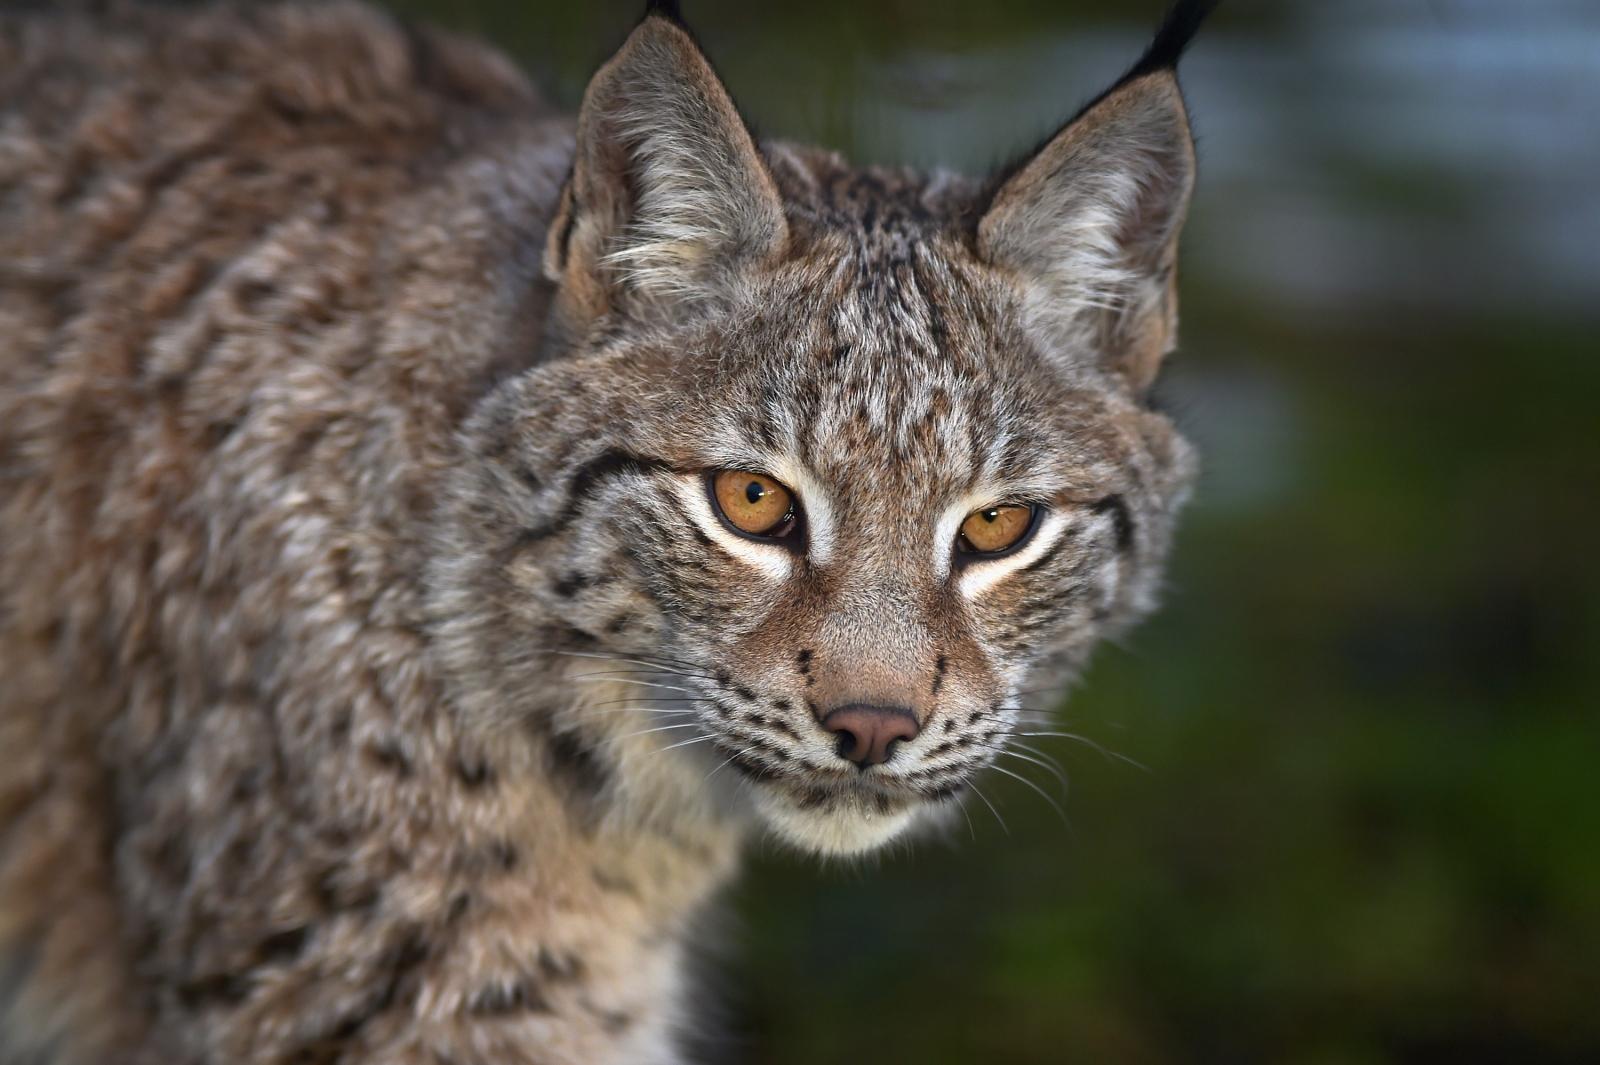 Dartmoor escaped Lynx